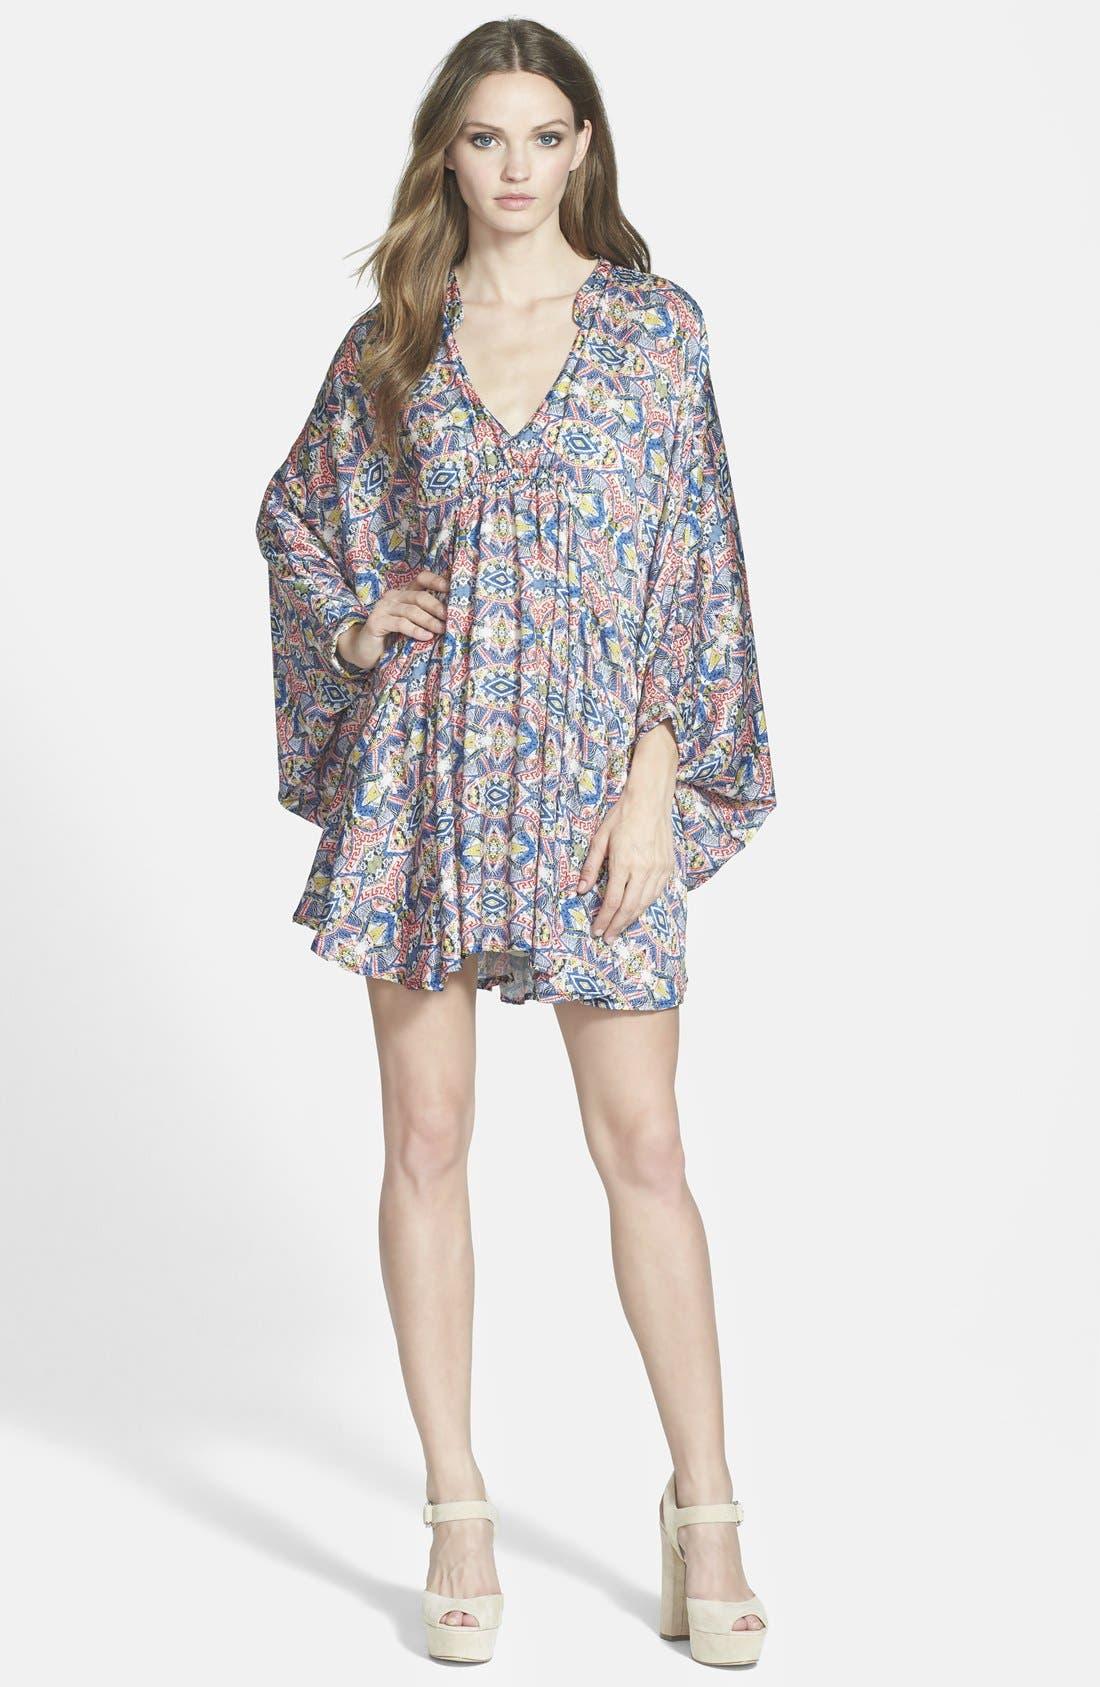 MAISIE 'Lenore' Floral Print Kimono Dress, Main, color, 001